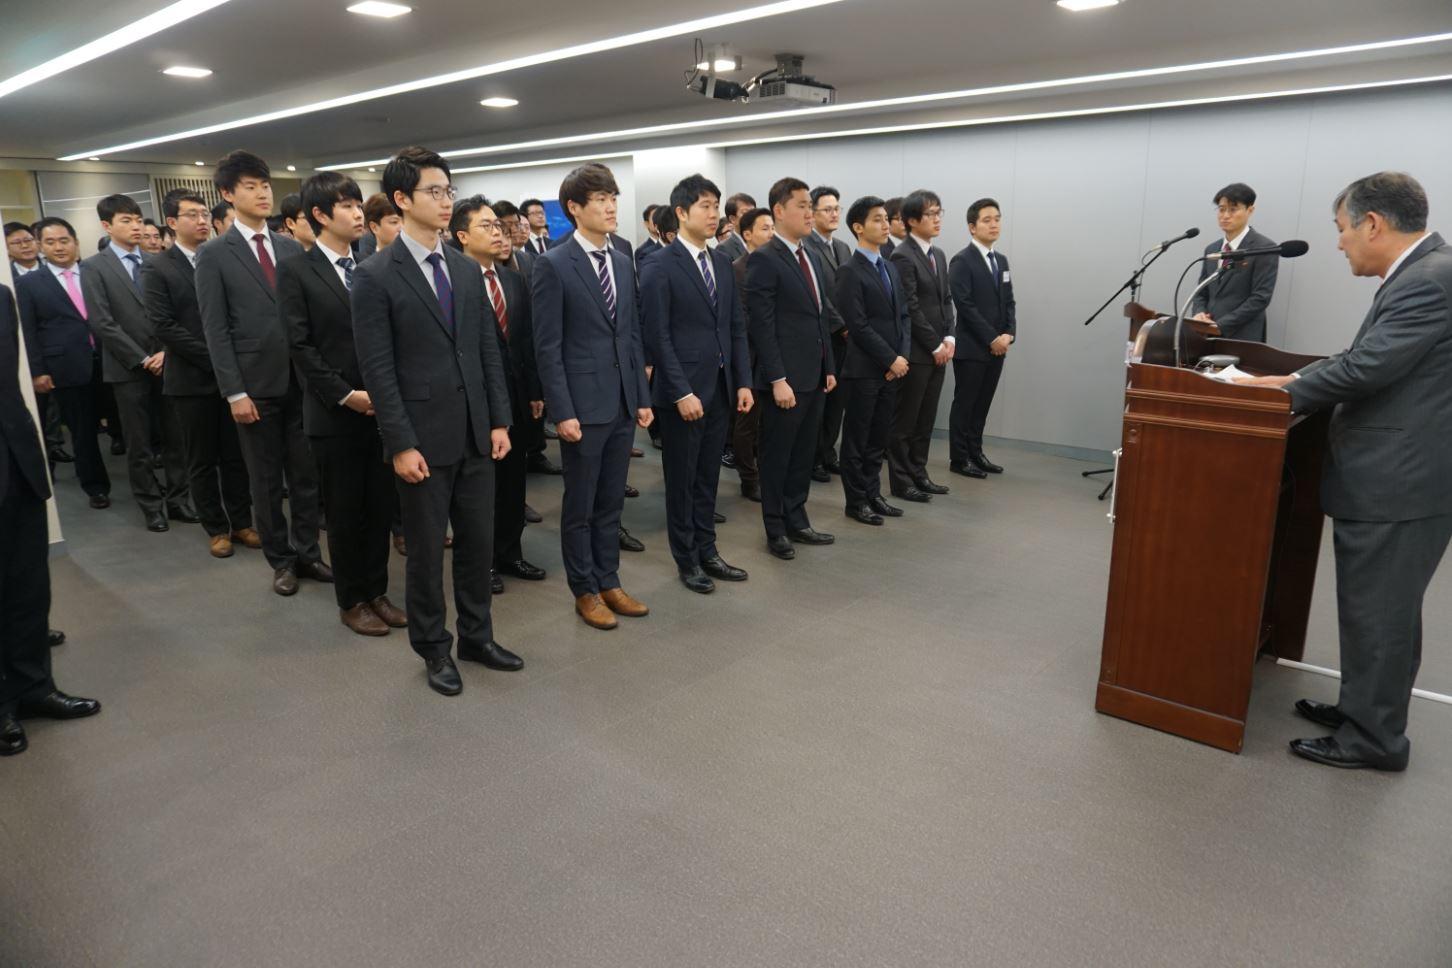 2016년 KP그룹 시무식